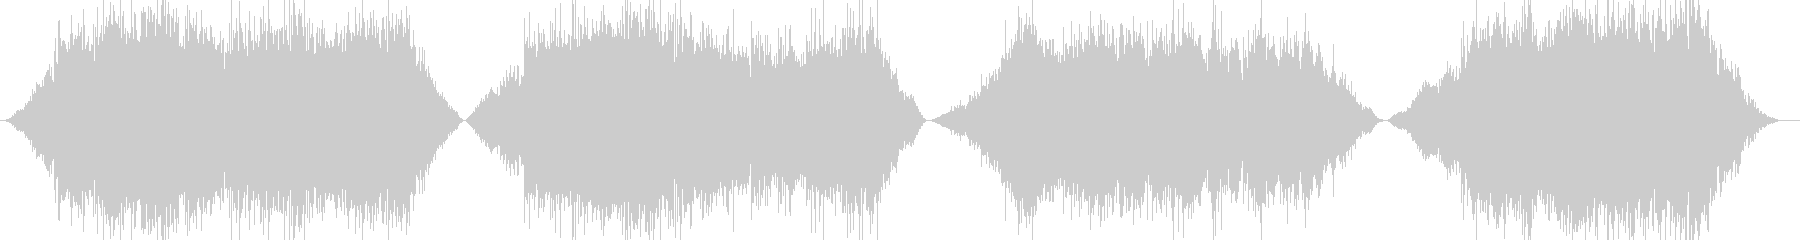 エレクトロアンビエントインストゥル...の未再生の波形